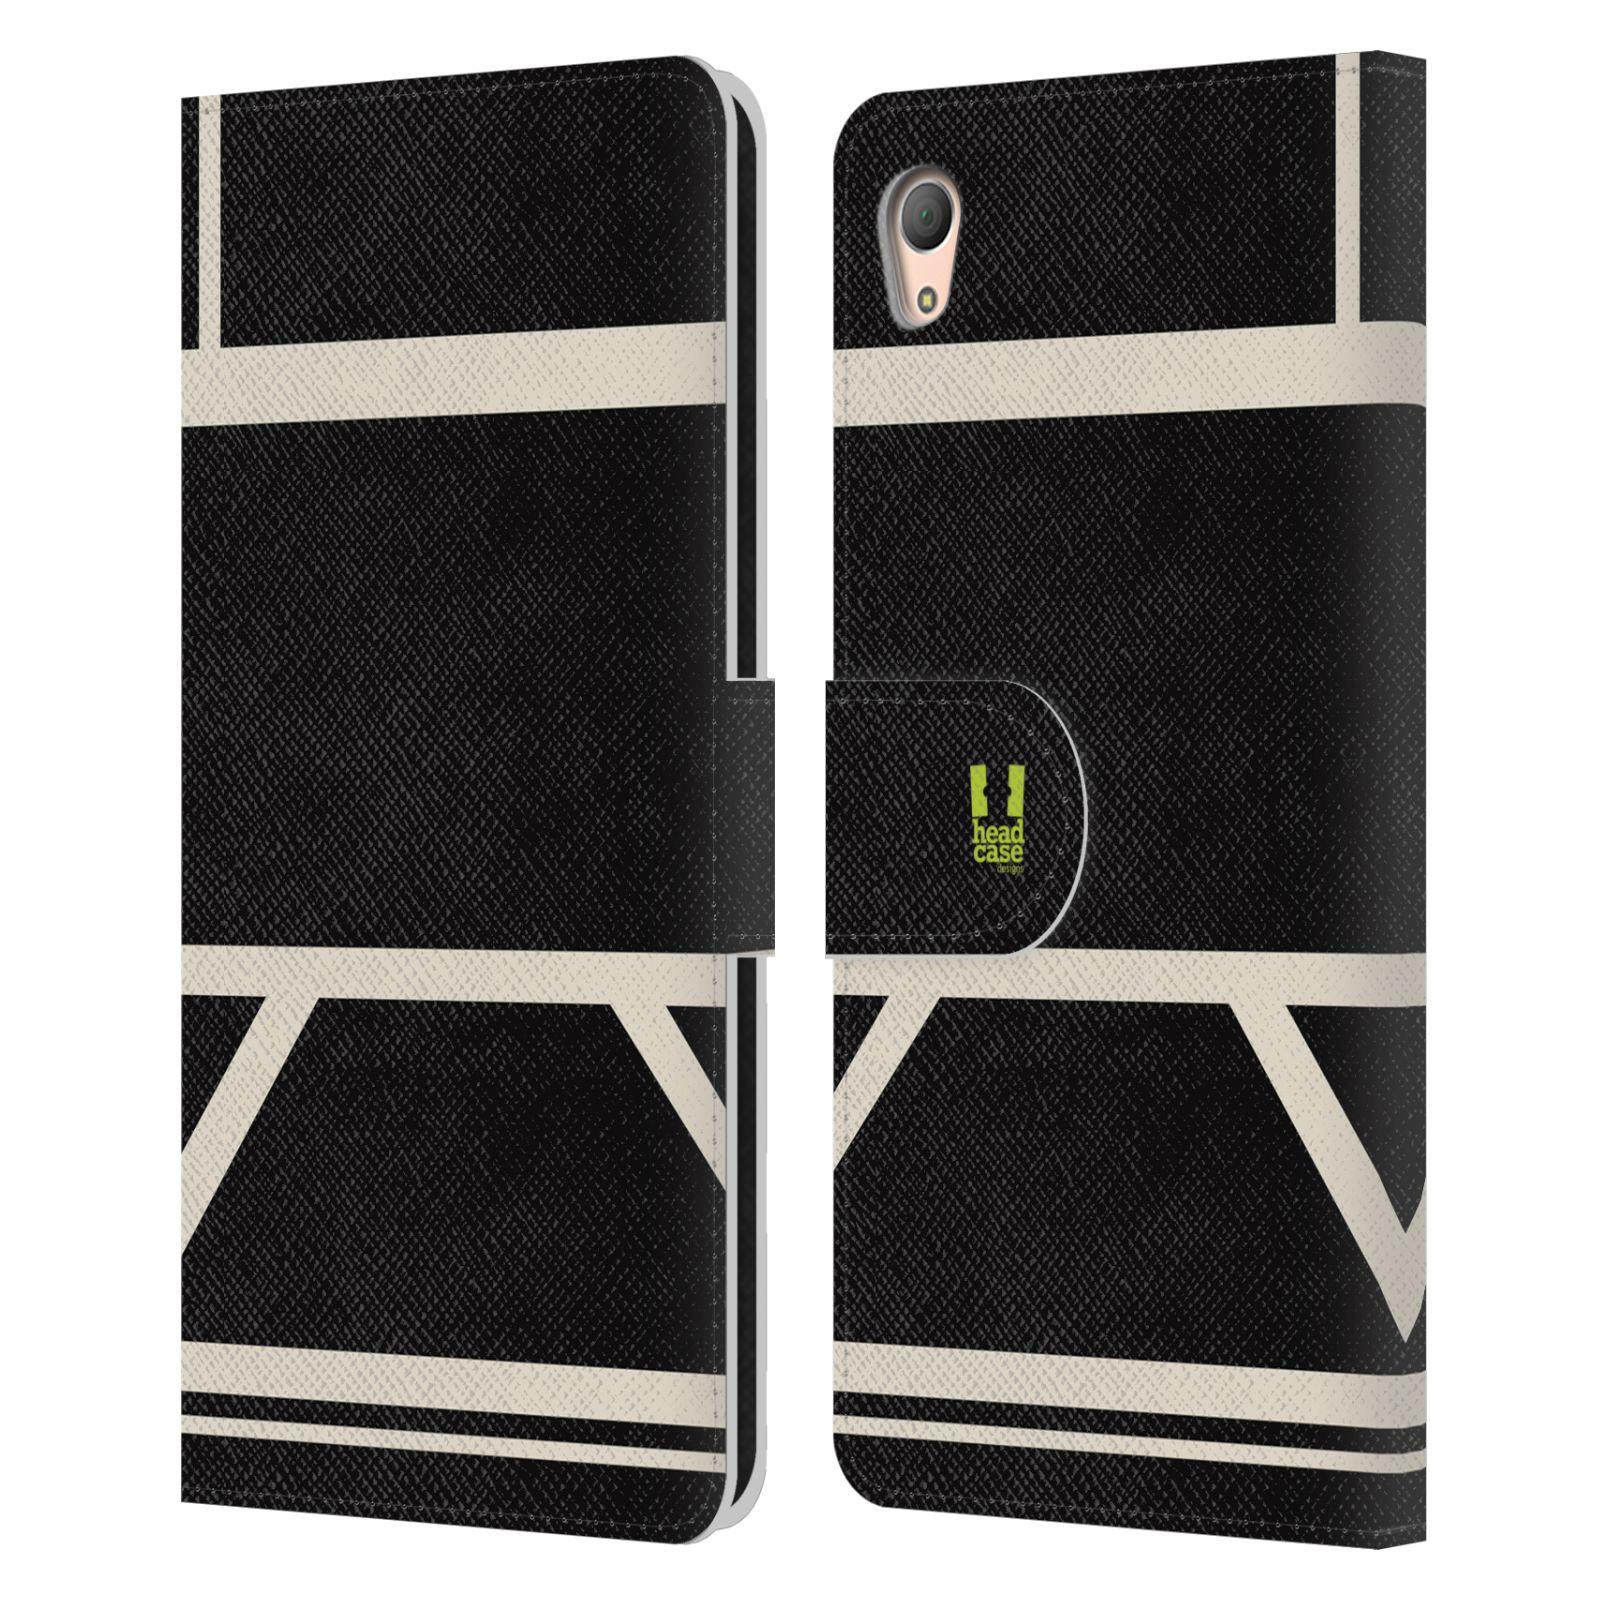 HEAD CASE Flipové pouzdro pro mobil SONY XPERIA Z3+(Z3 PLUS) barevné tvary černá a bílá proužek